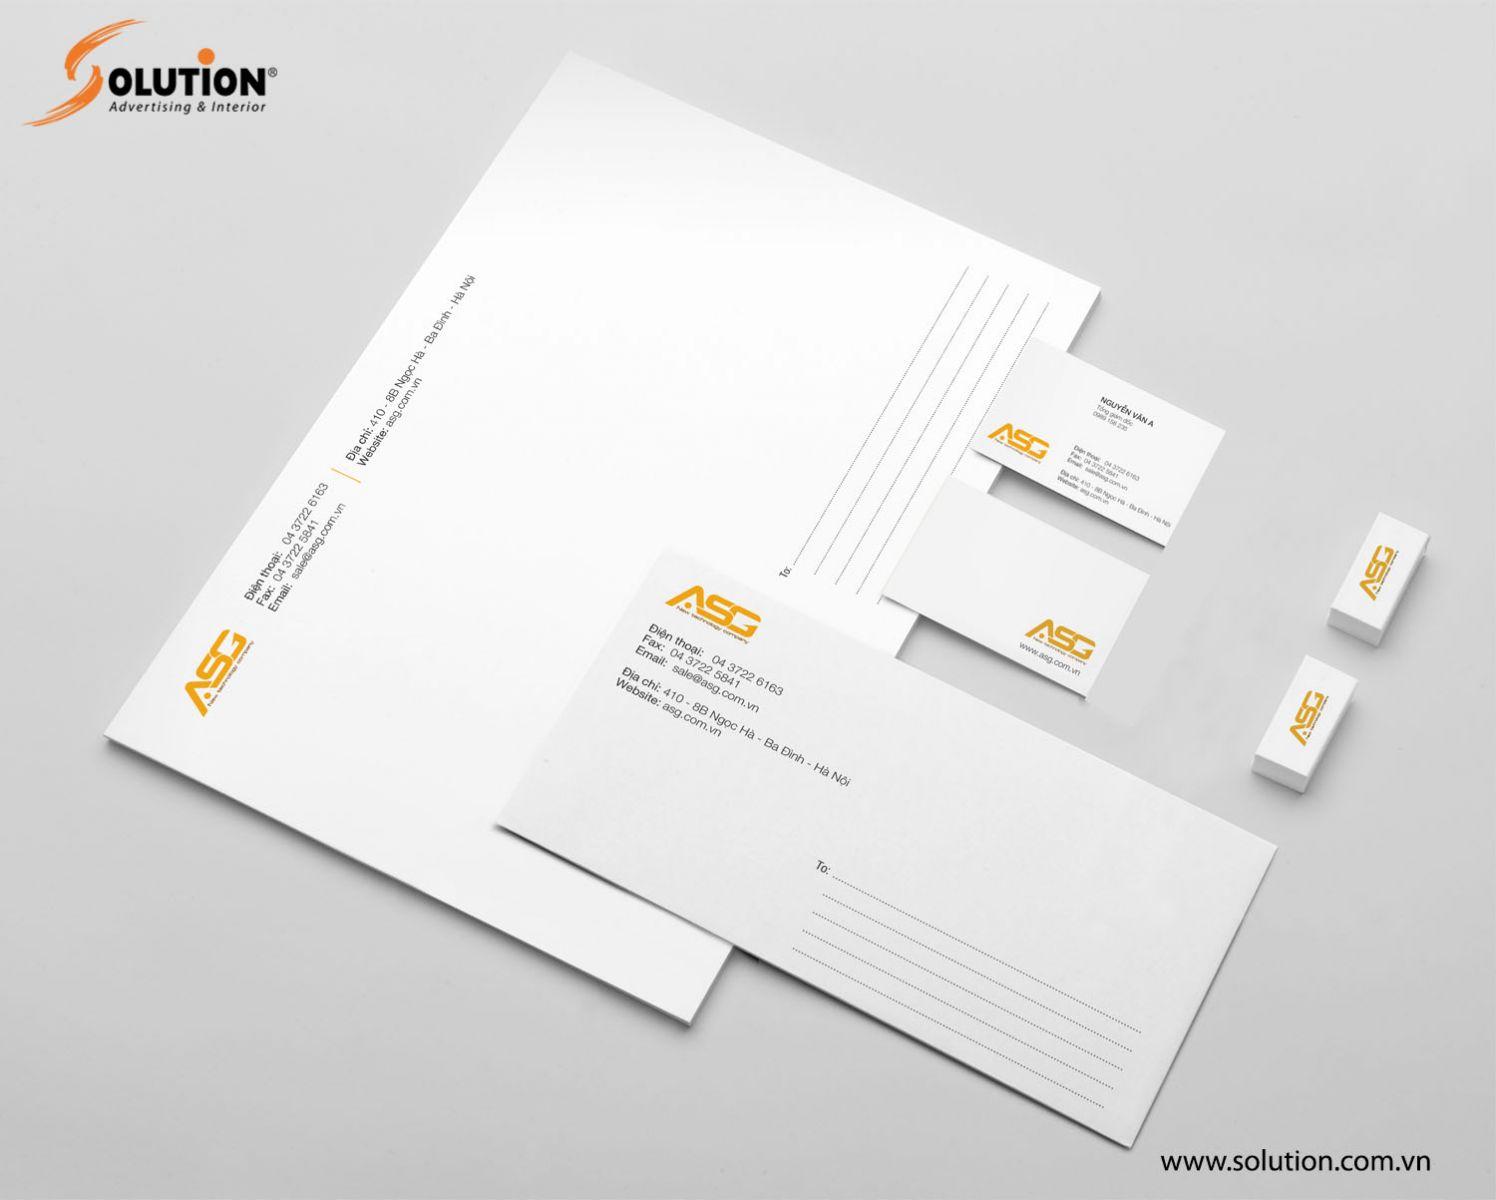 Mẫu tiêu đề thư - namecard - phong bì thư trong hệ thống nhận diện thương hiệu Công ty ASG